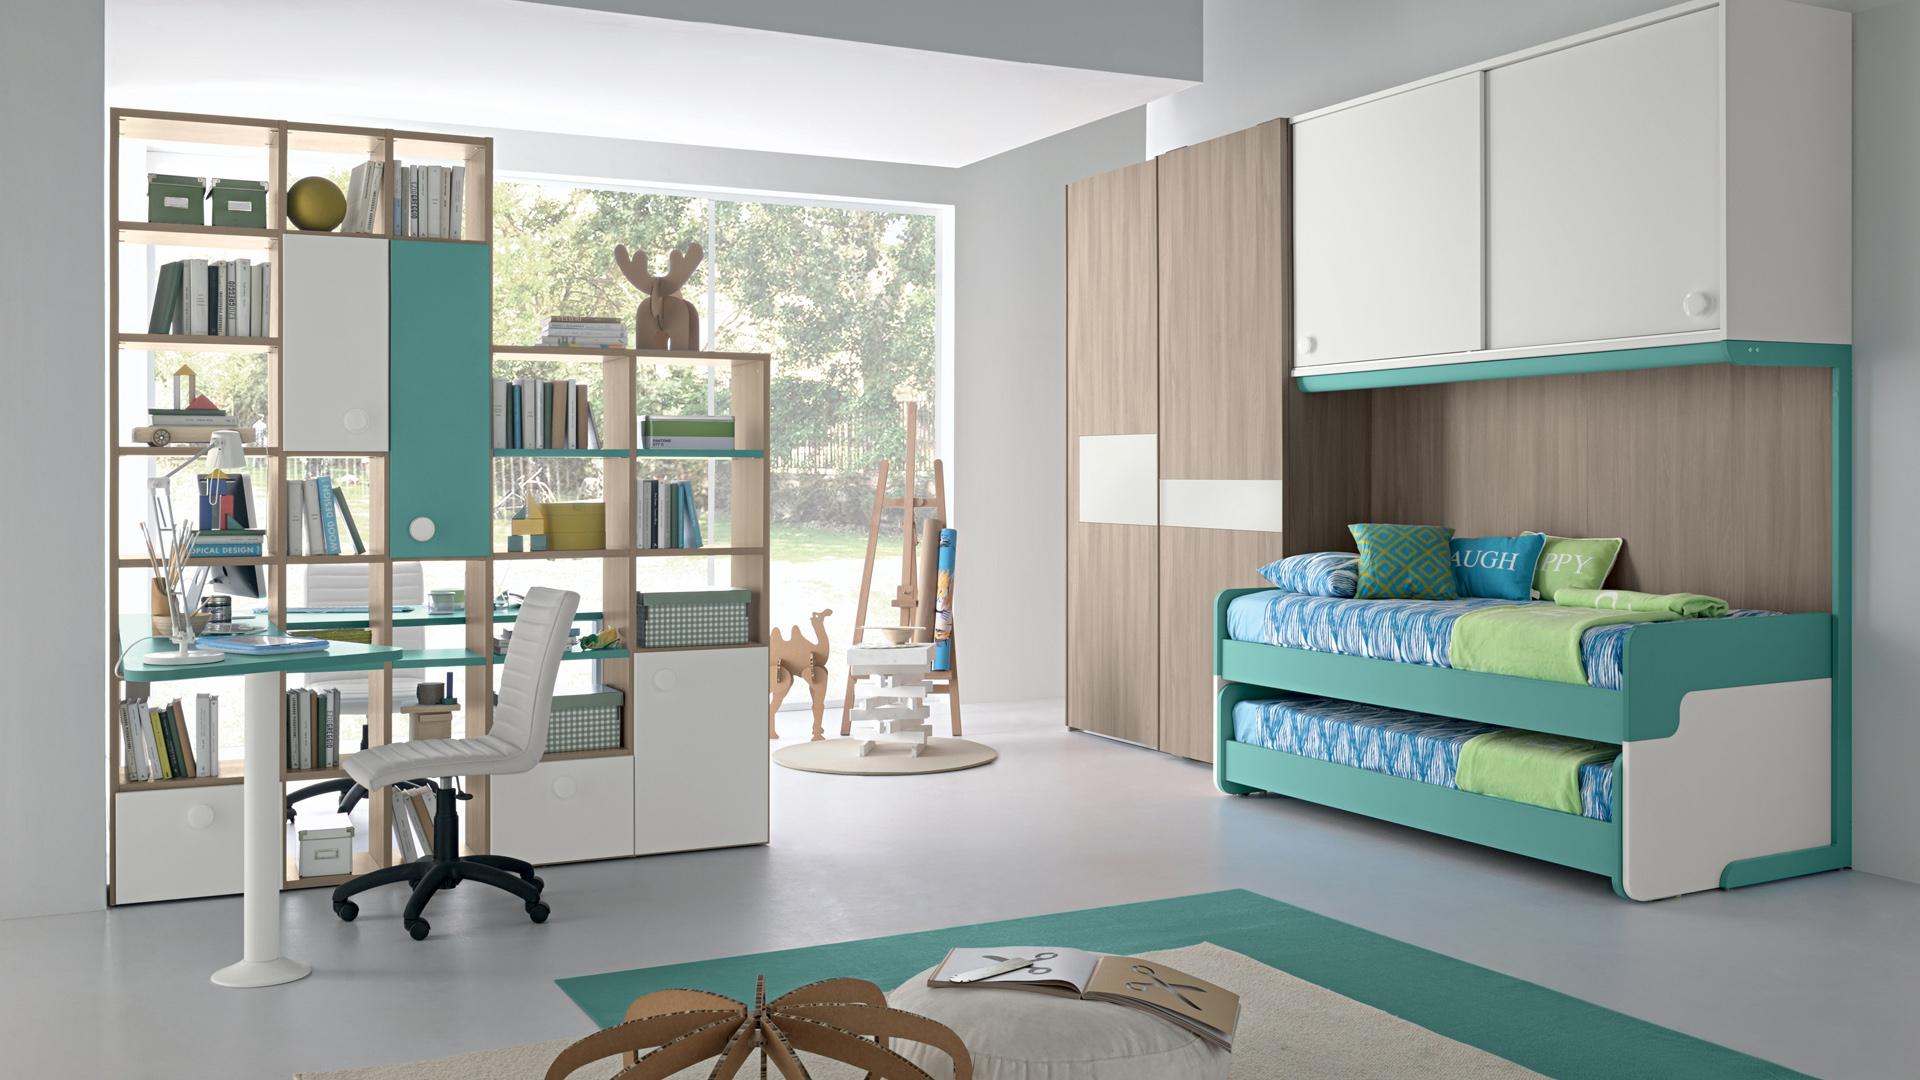 Testate letto maison du monde cheap maisons du monde chest of drawers chest of drawers storage - Testate letto maison du monde ...